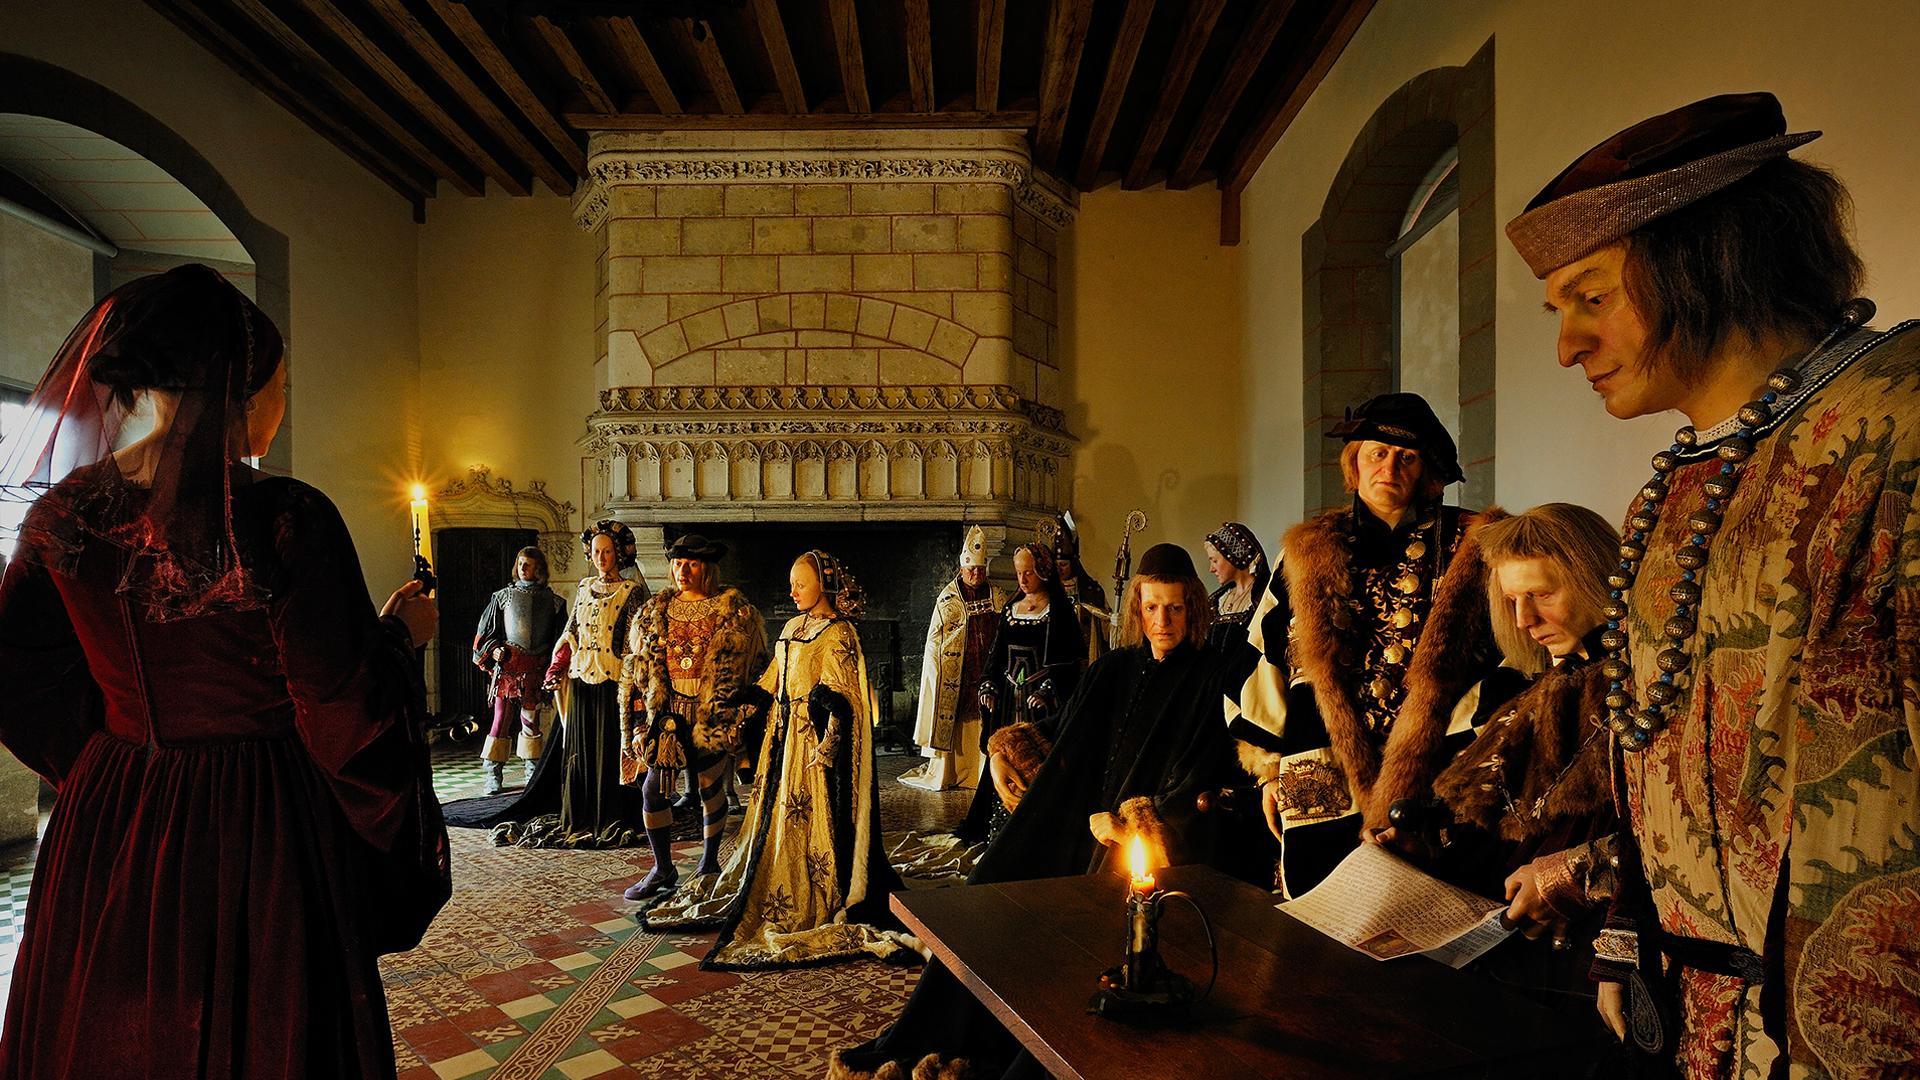 Mariage de Charles VIII et d'Anne de Bretagne